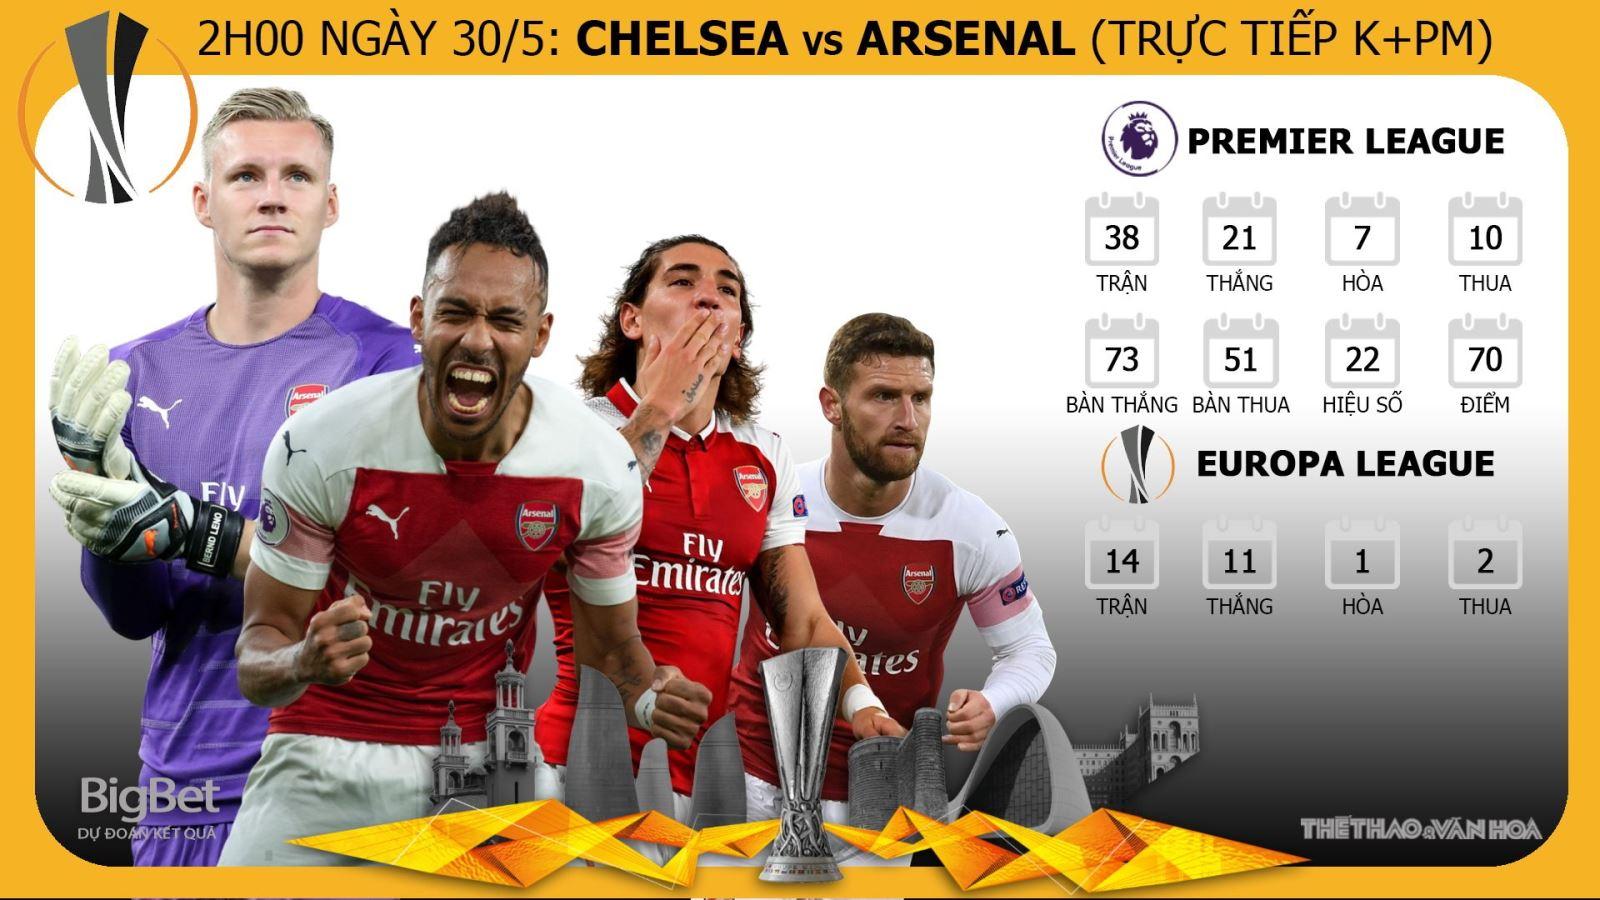 Chelsea vs Arsenal, trực tiếp bóng đá, trực tiếp Chelsea vs Arsenal, Chelsea, Arsenal, trực tiếp Chung kết Europa League, Cúp C2, xem trực tiếp Chelsea vs Arsenal ở đâu